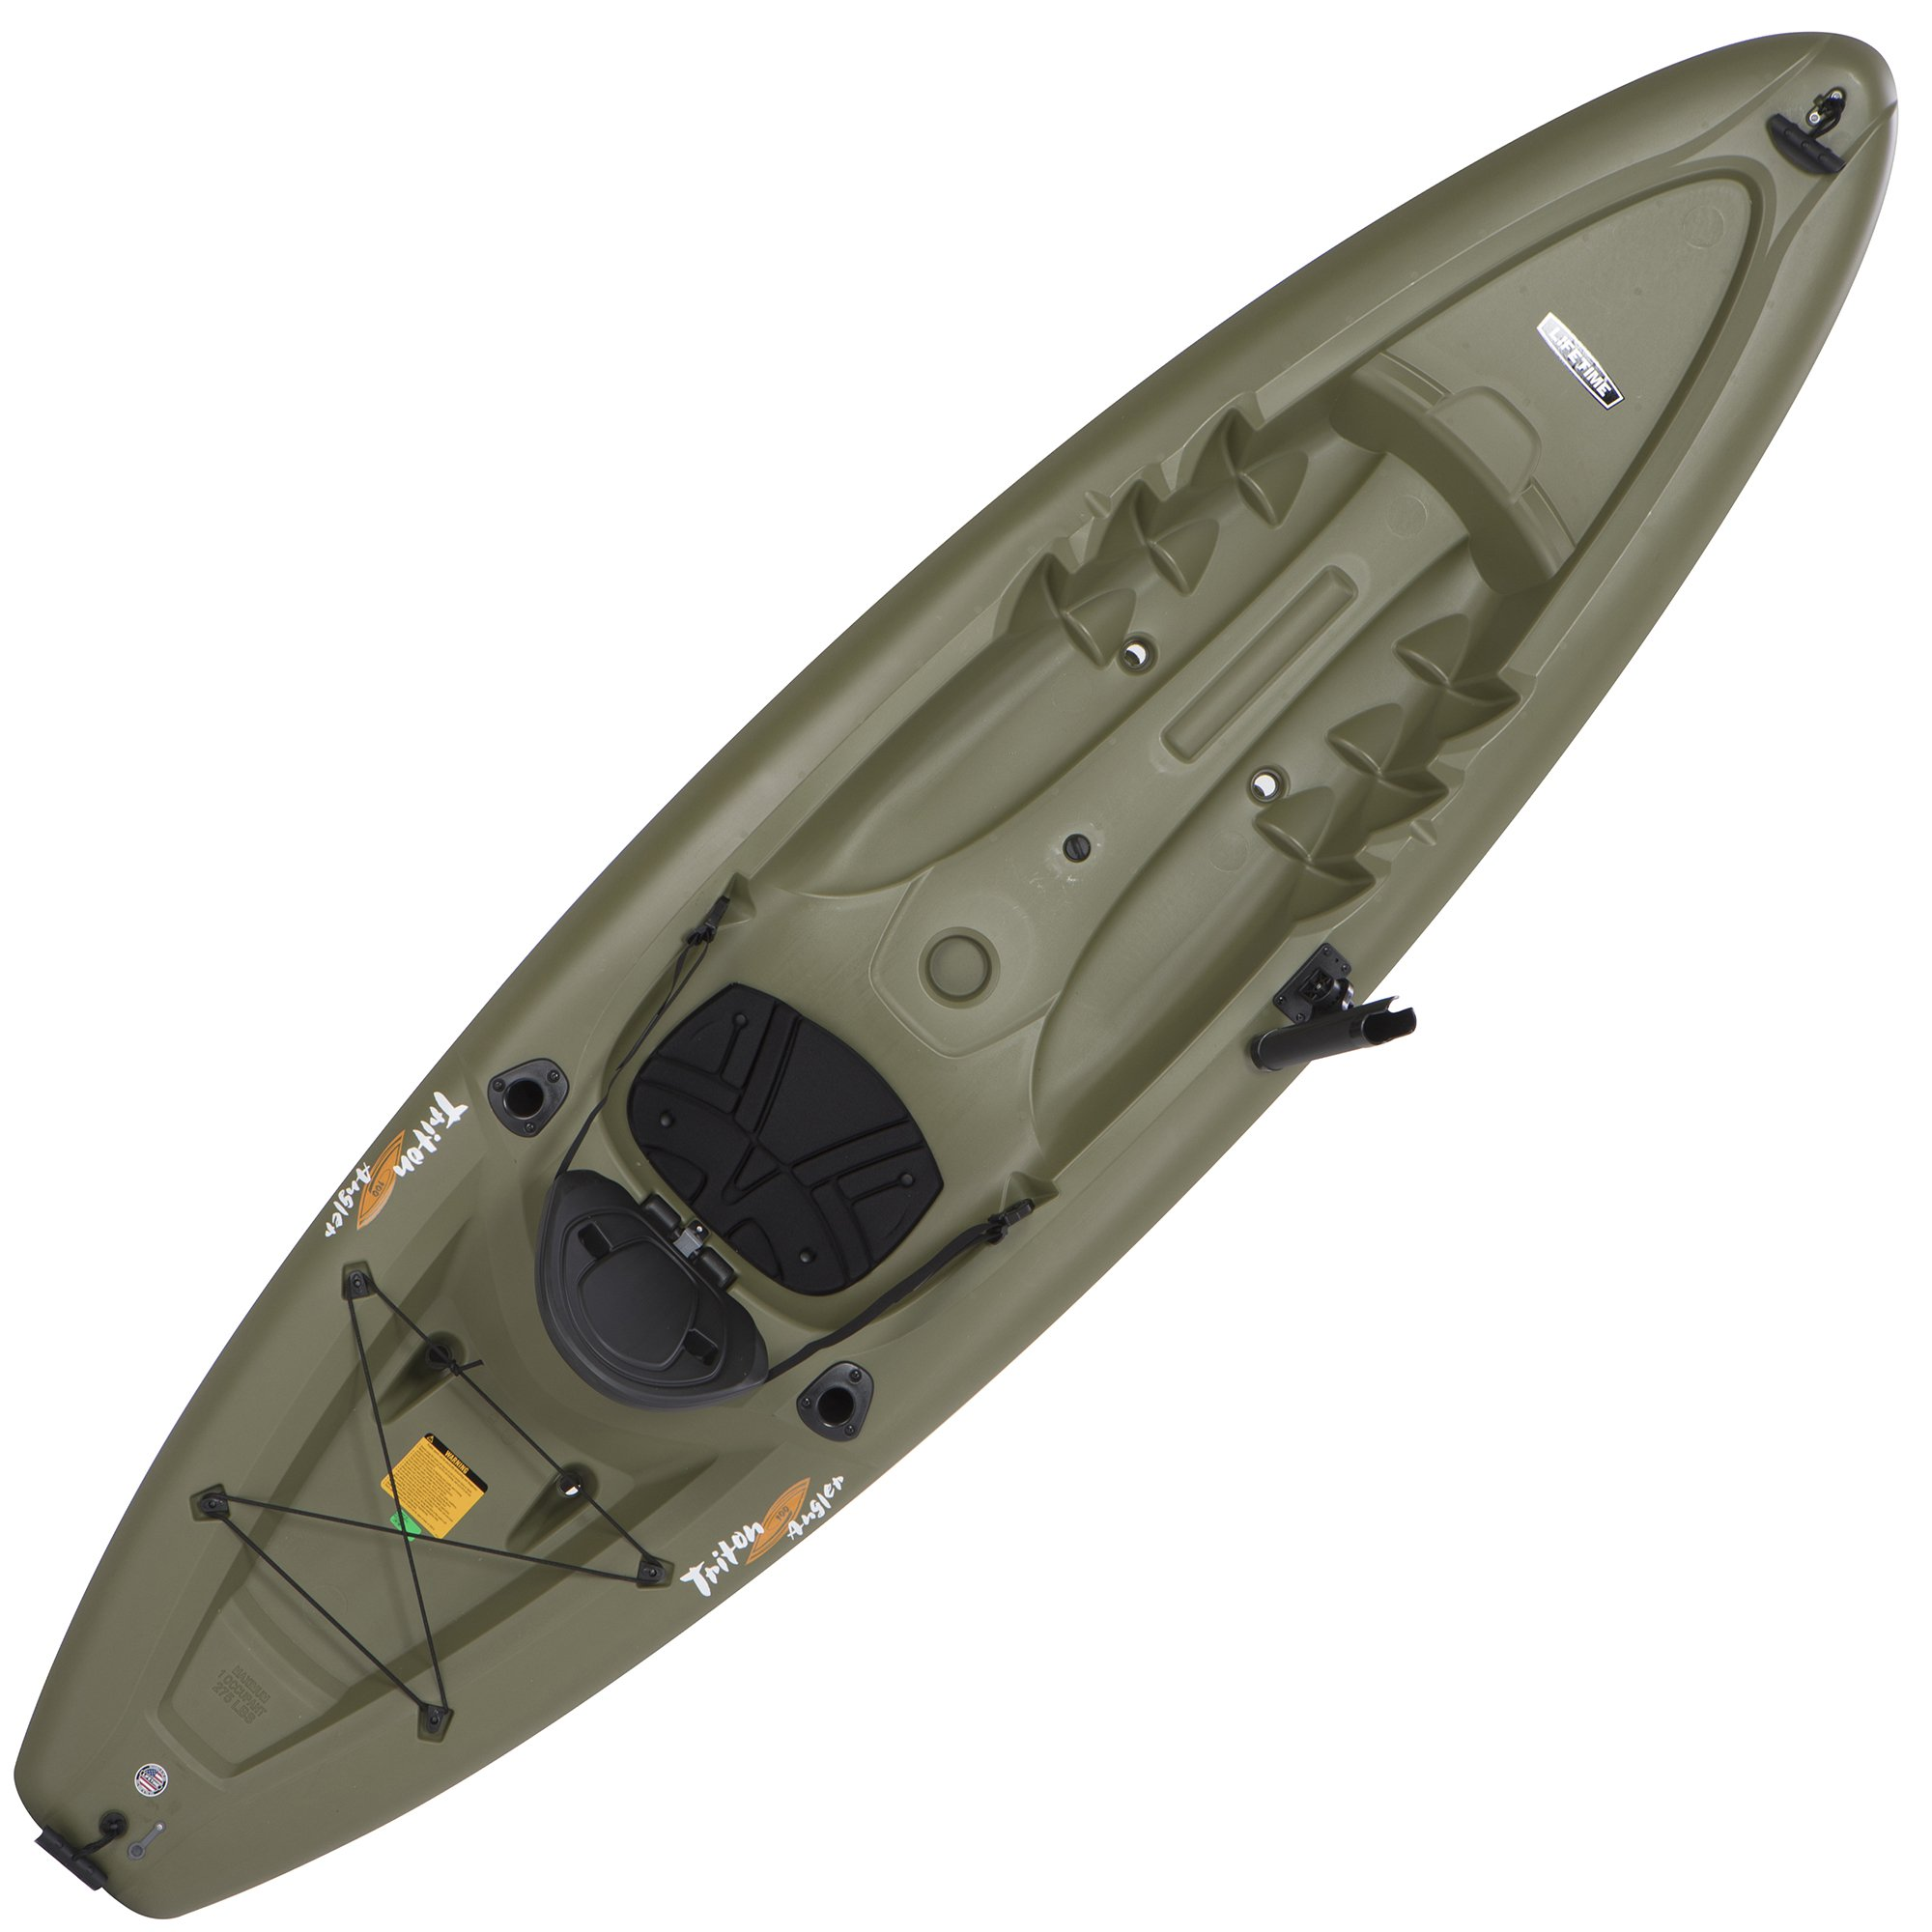 Lifetime Triton Angler 100 Fishing Kayak, Olive Green by Lifetime